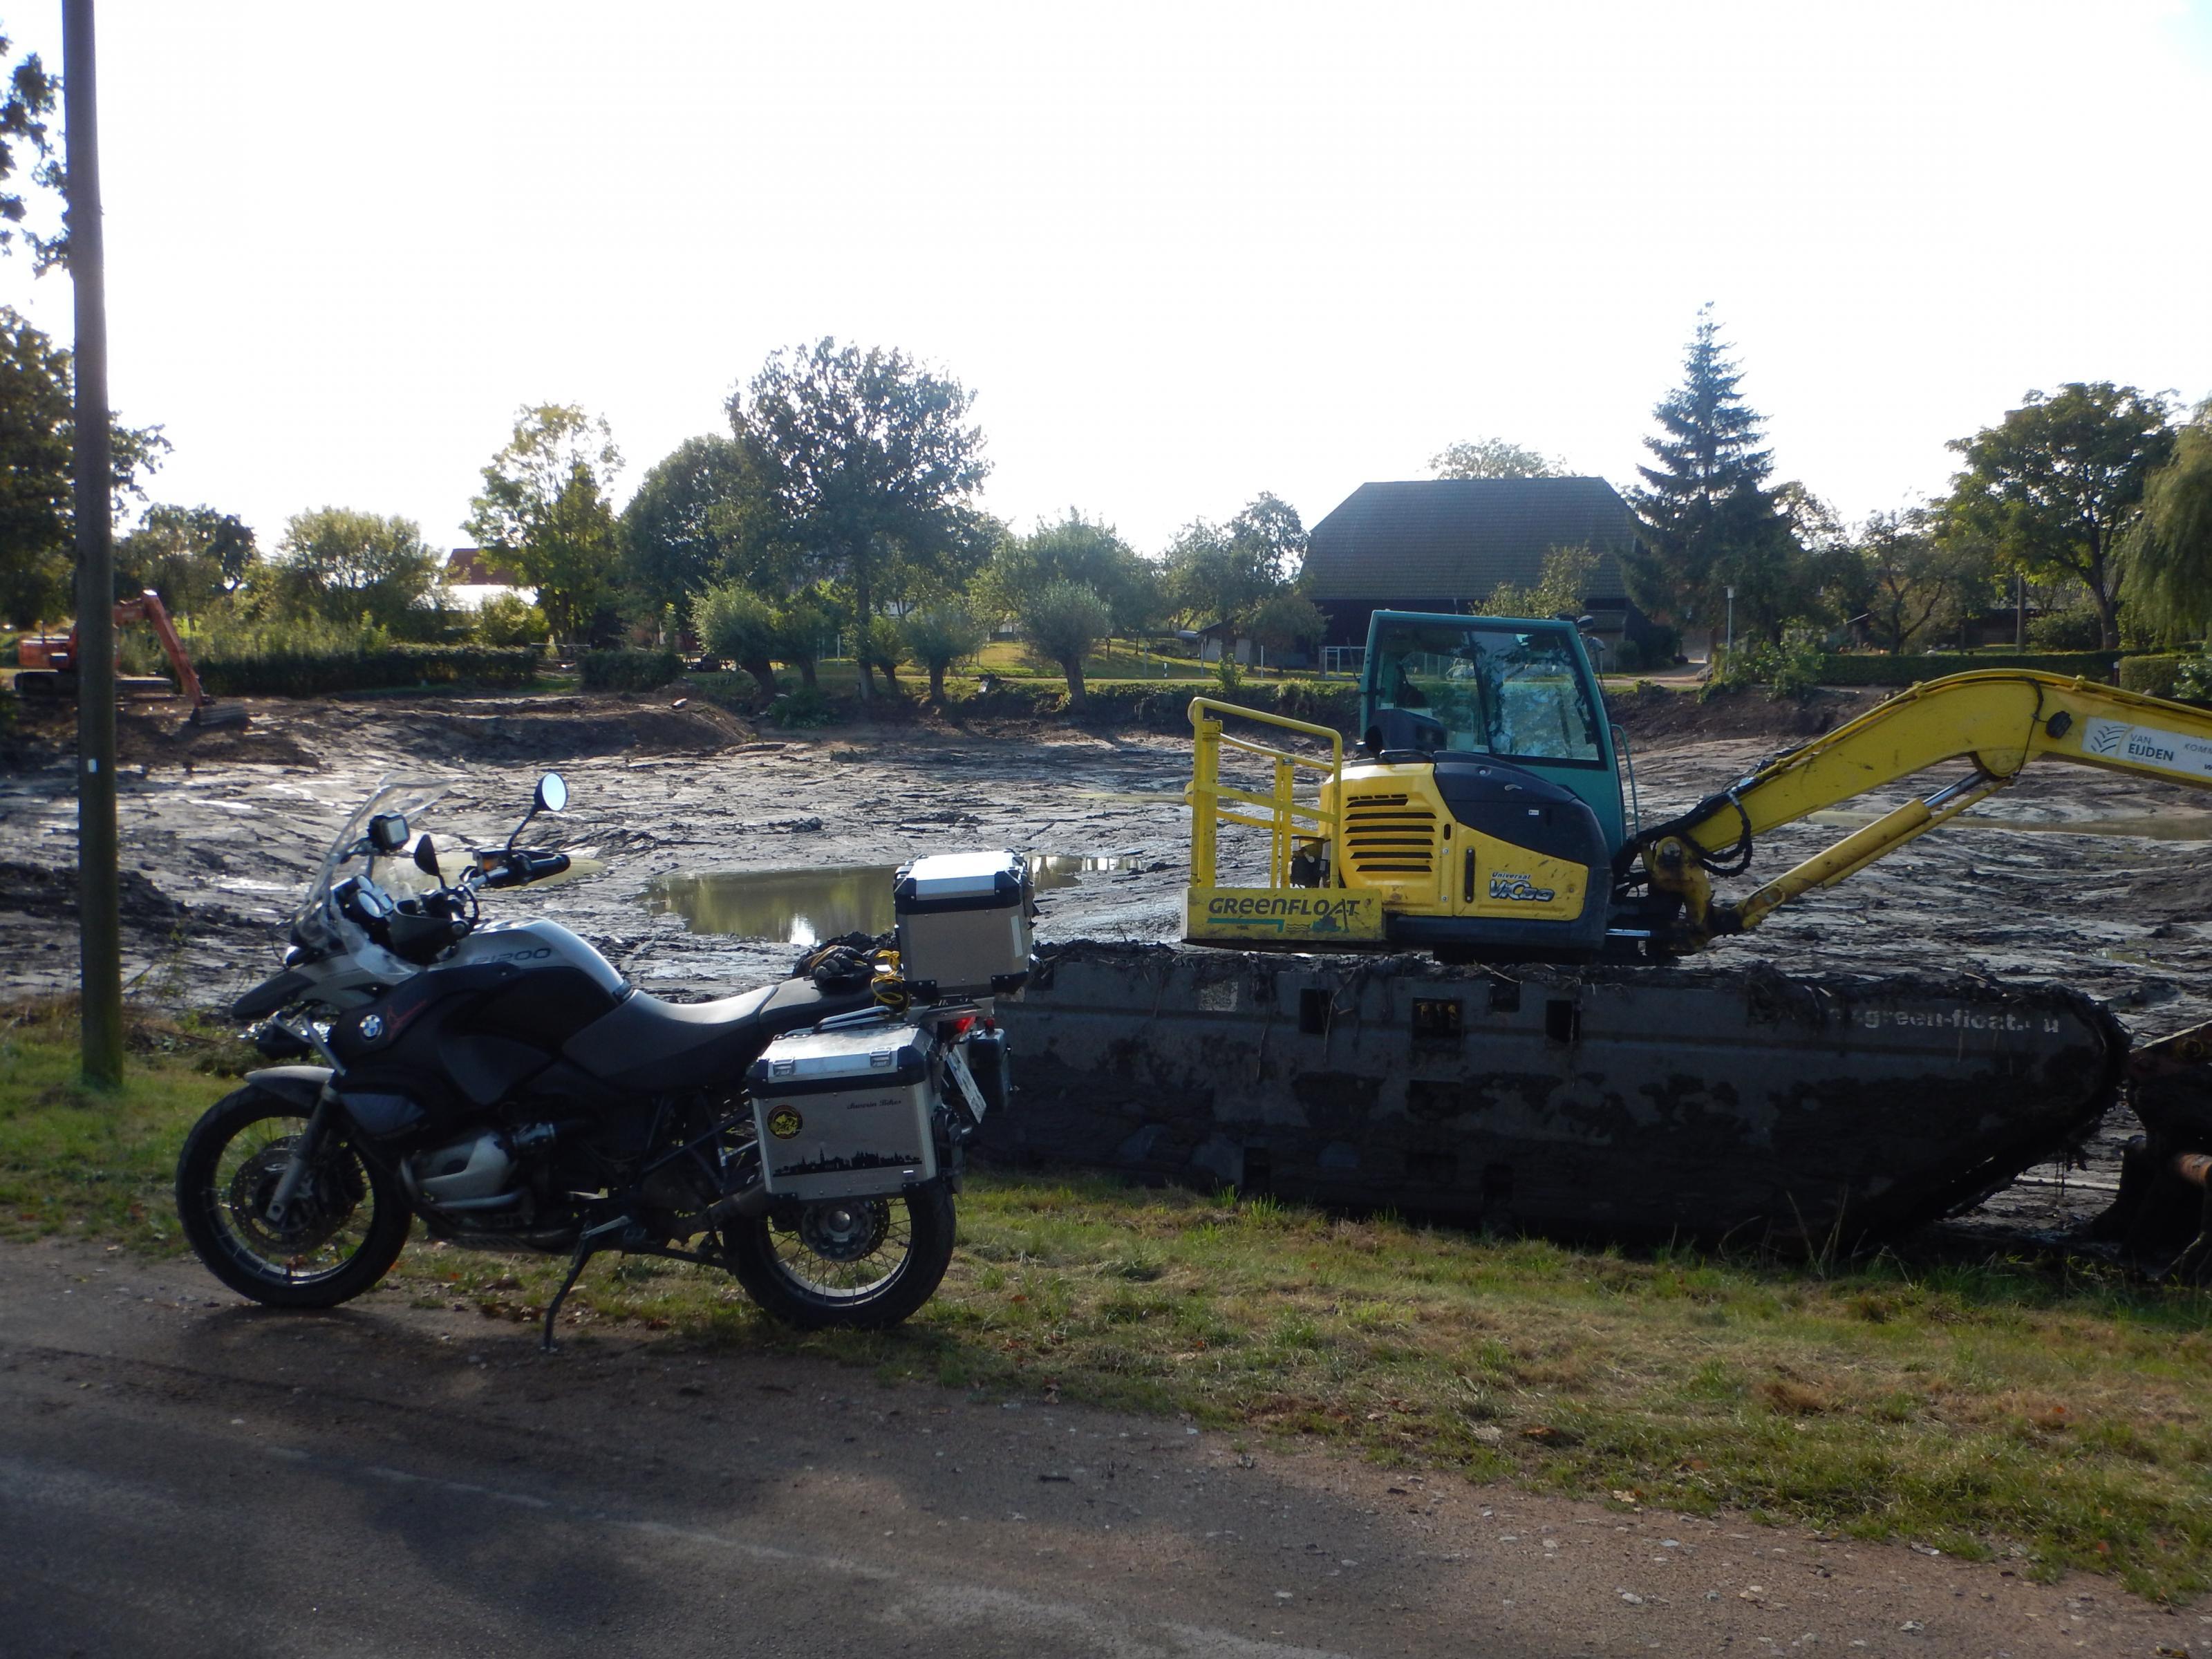 2016-10-03-biketour-71-.jpg